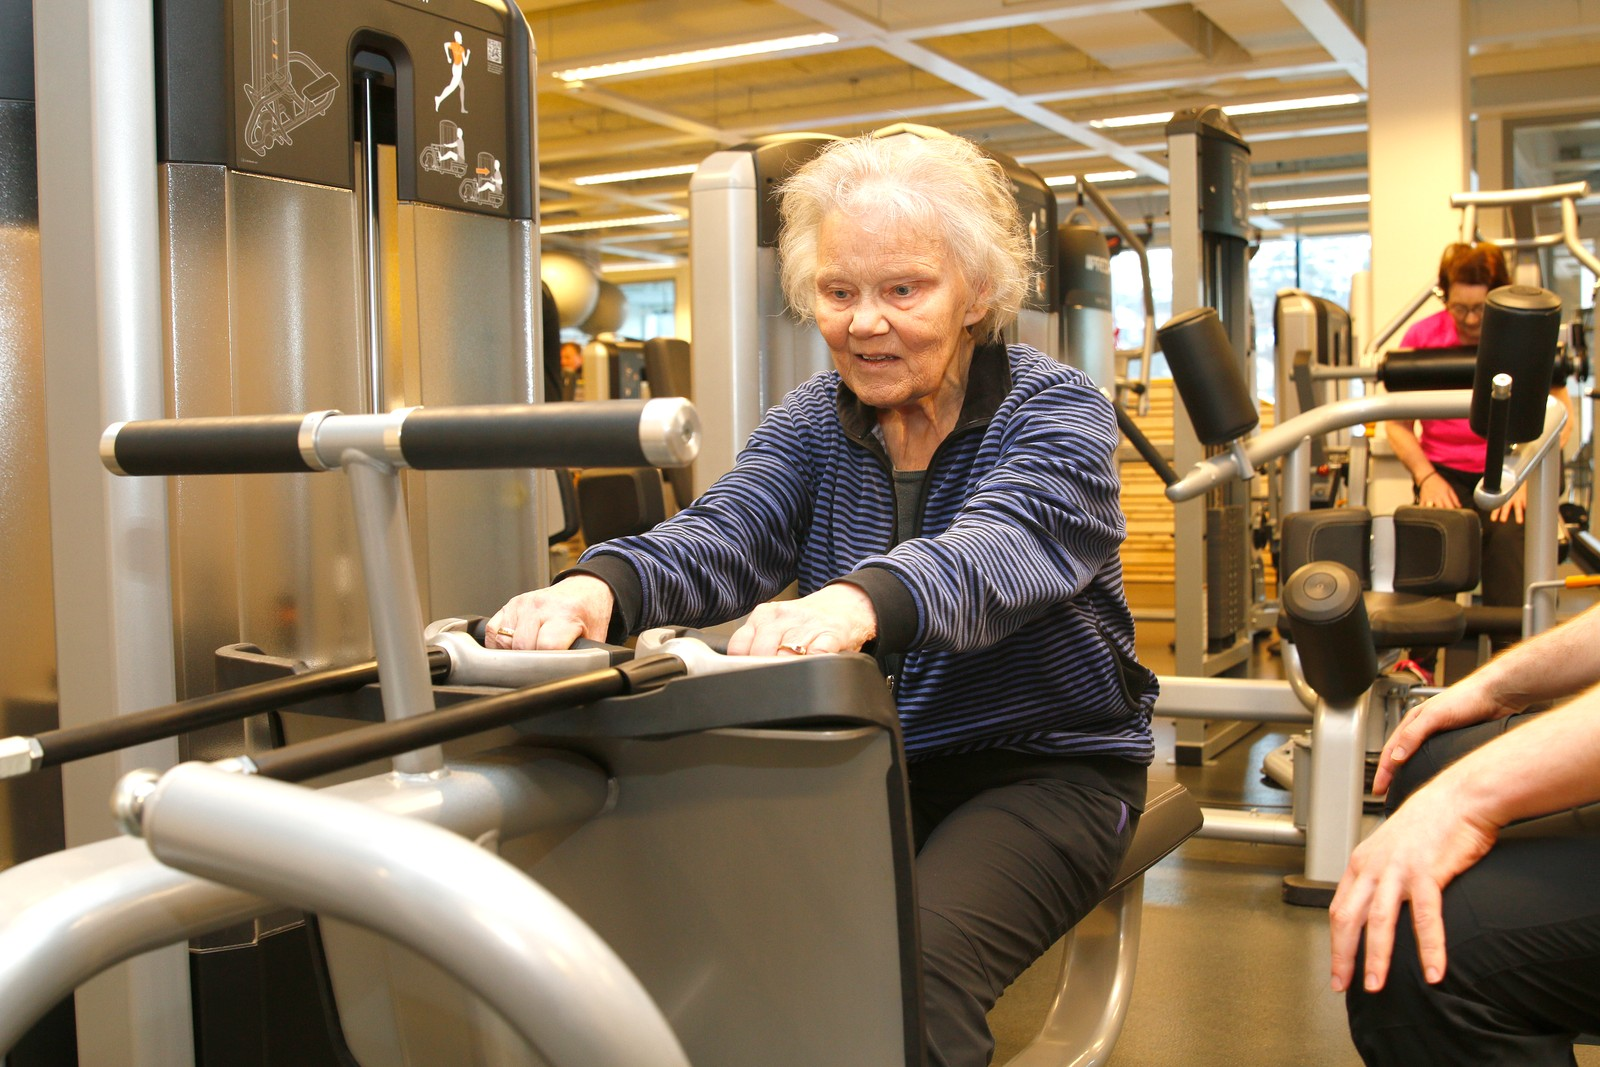 TRENAR HEILE KROPPEN: Margot Fonn vil bli sterk for å kunne gå i fjellet i åra framover også.